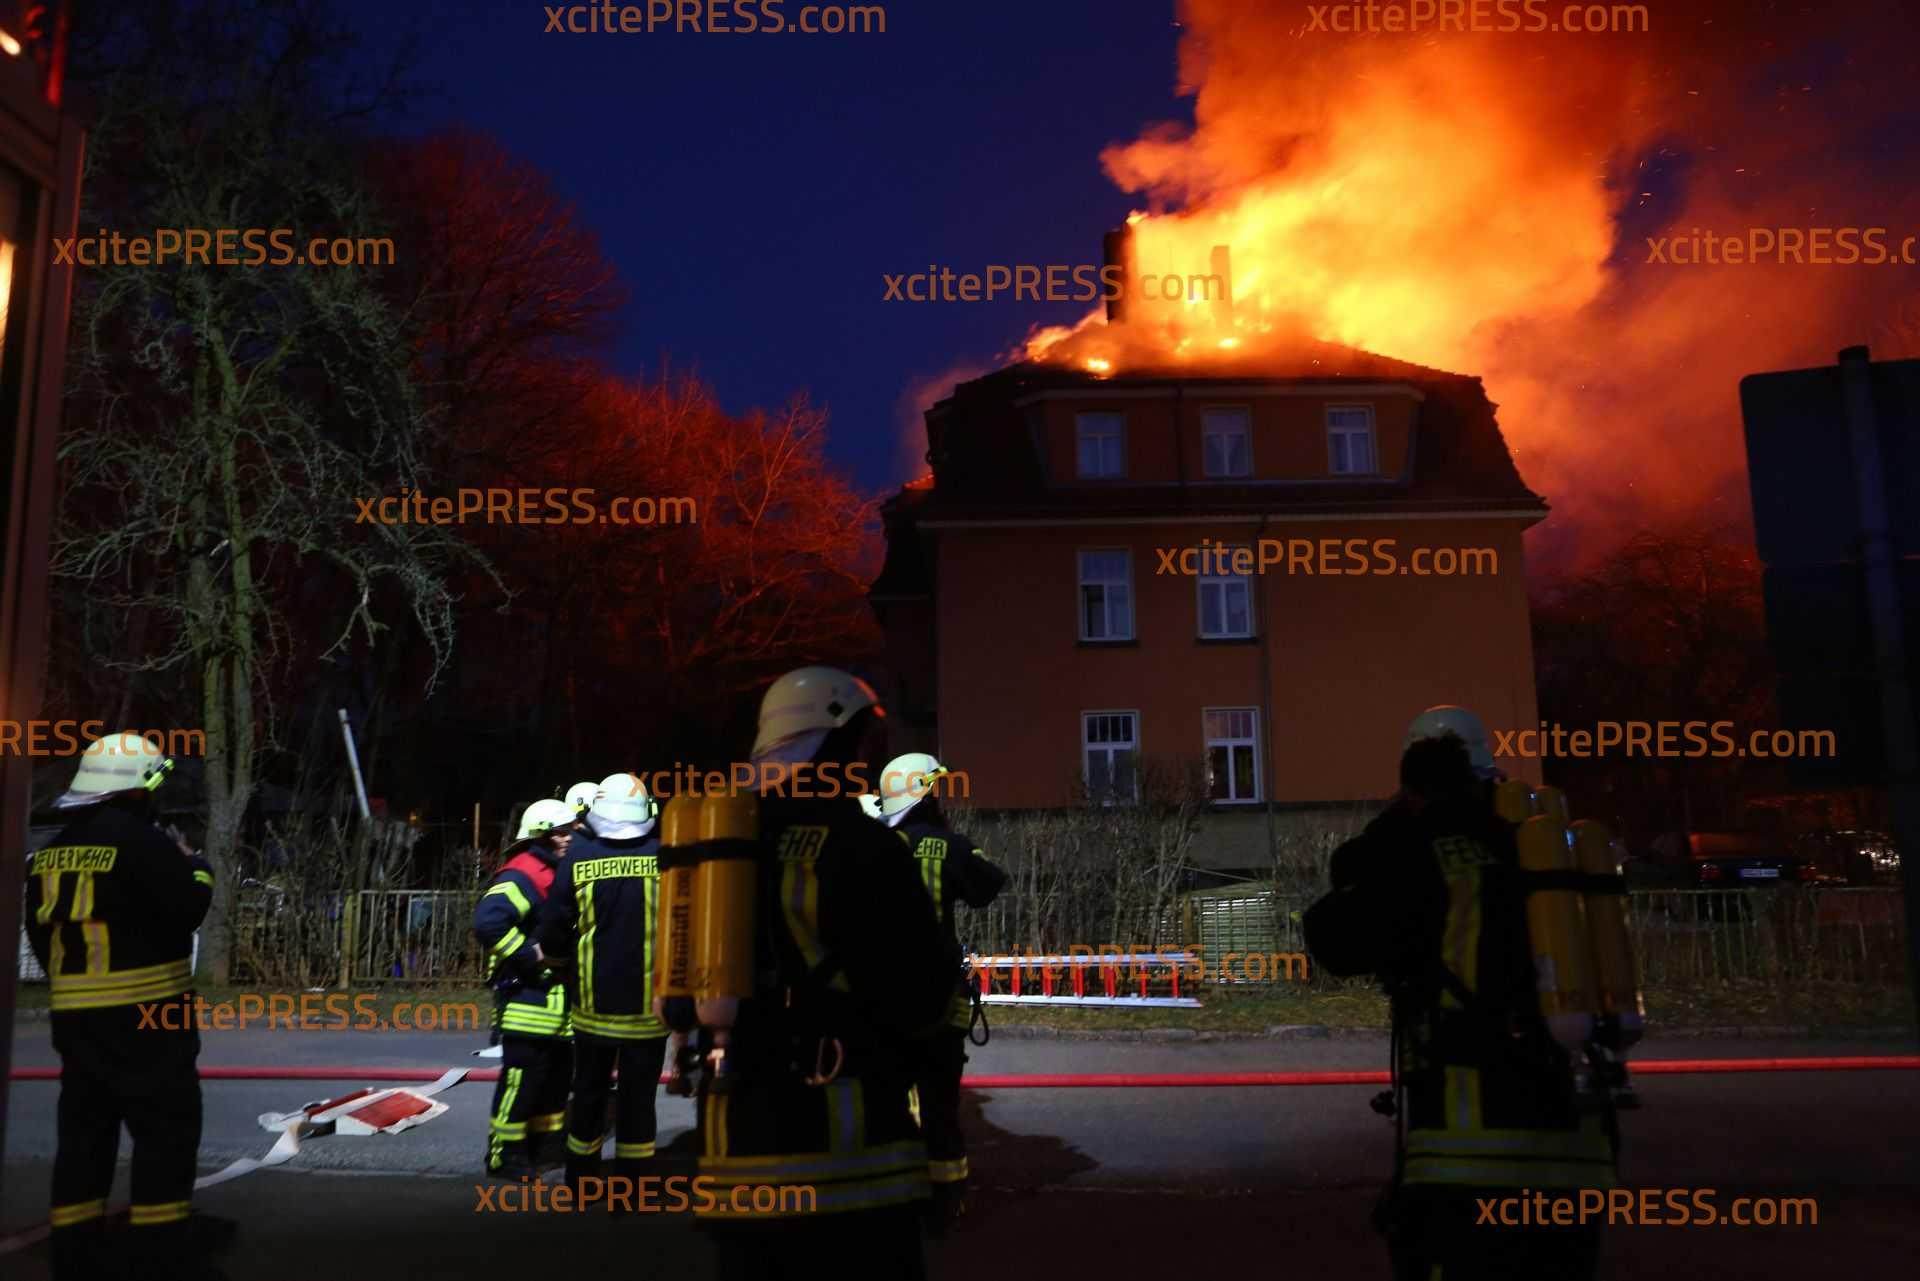 Dachstuhl von Mehrfamilienhaus in Flammen: Großeinsatz von Feuerwehr